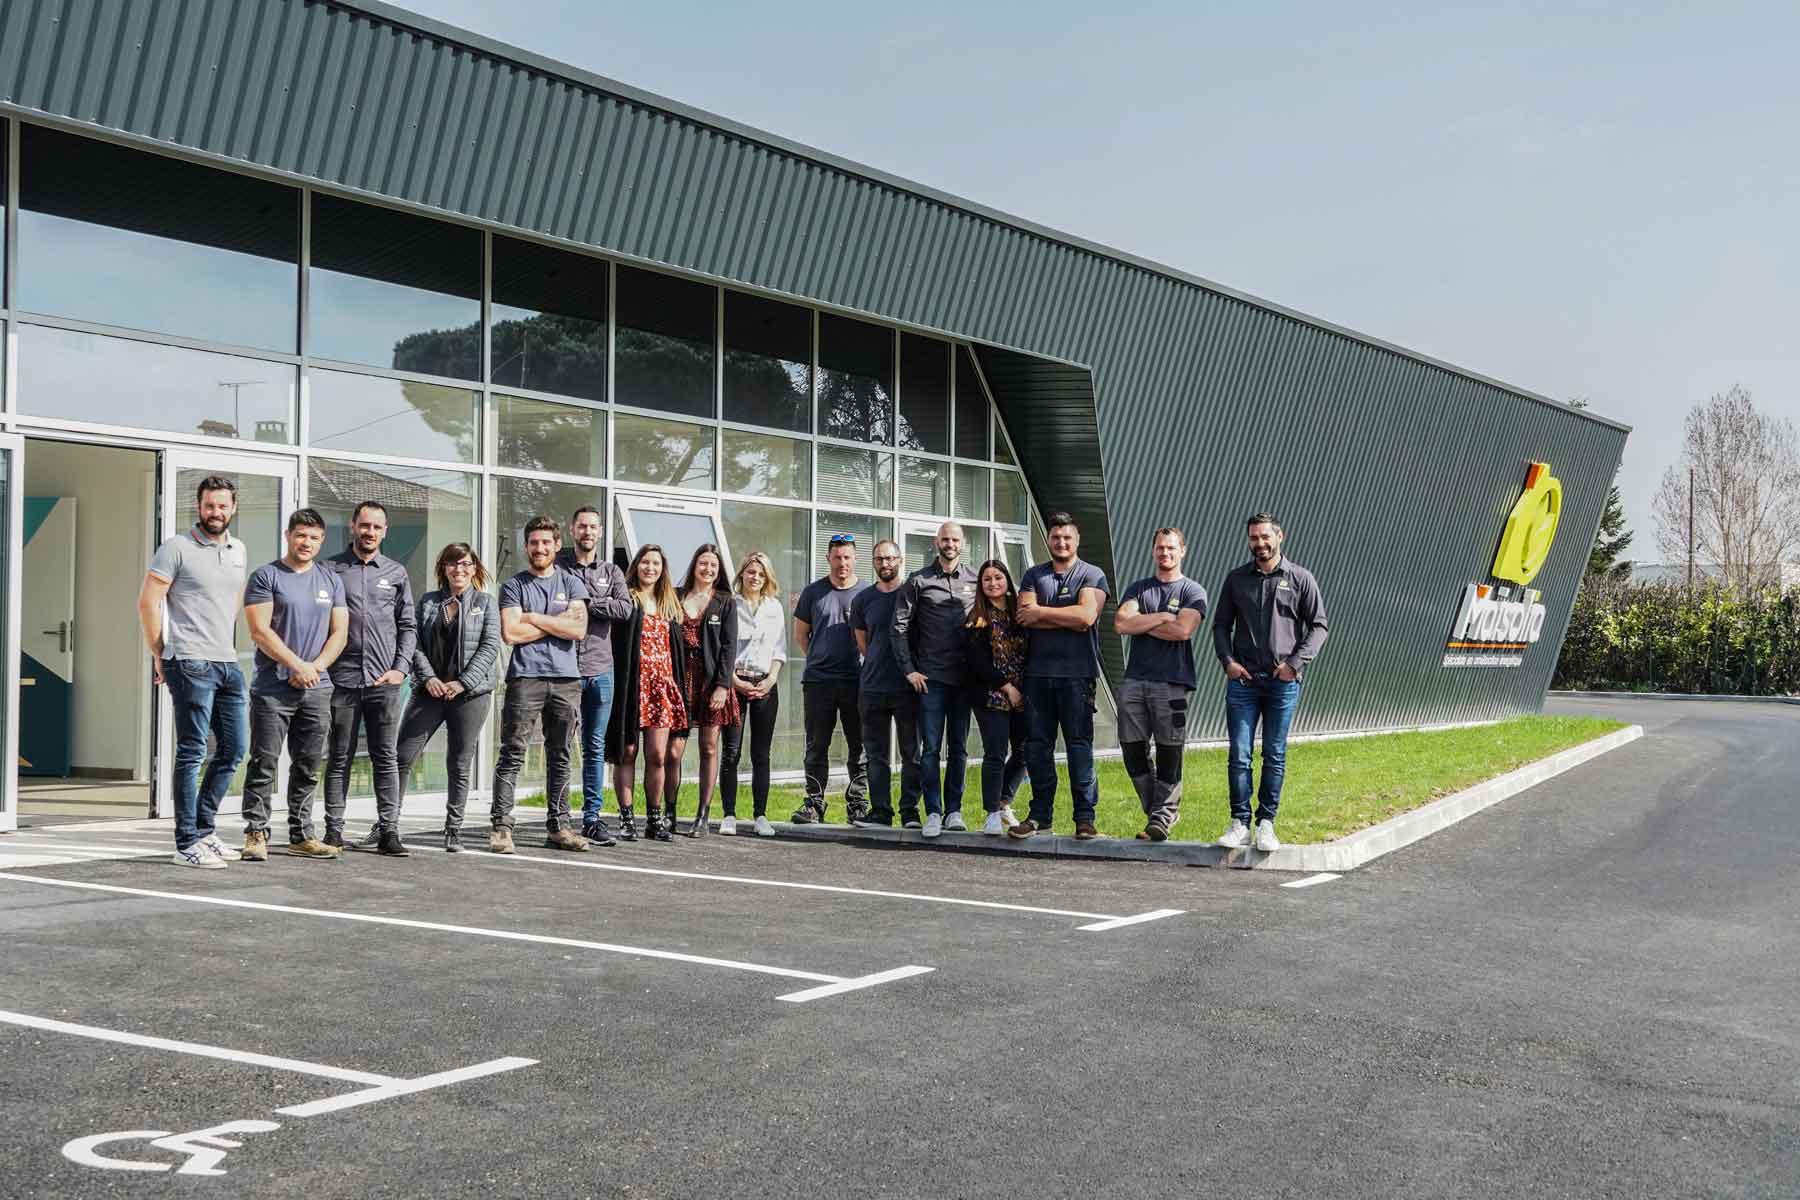 Maisolia; spécialiste des panneaux photovoltaïques particuliers et professionnels à Agen